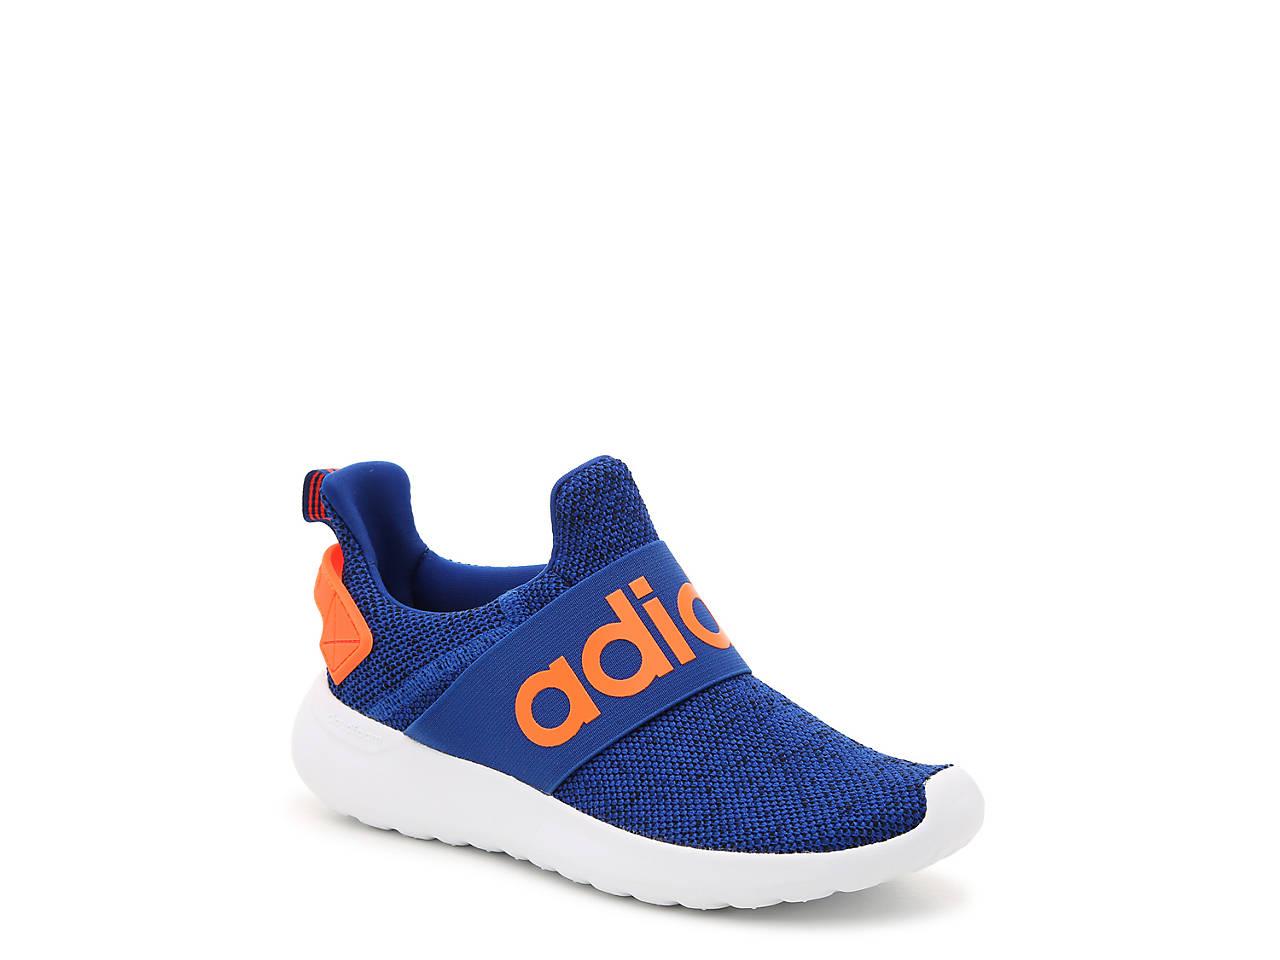 brand new 8adab 3908b Lite Racer Adapt Slip-On Sneaker - Kids'